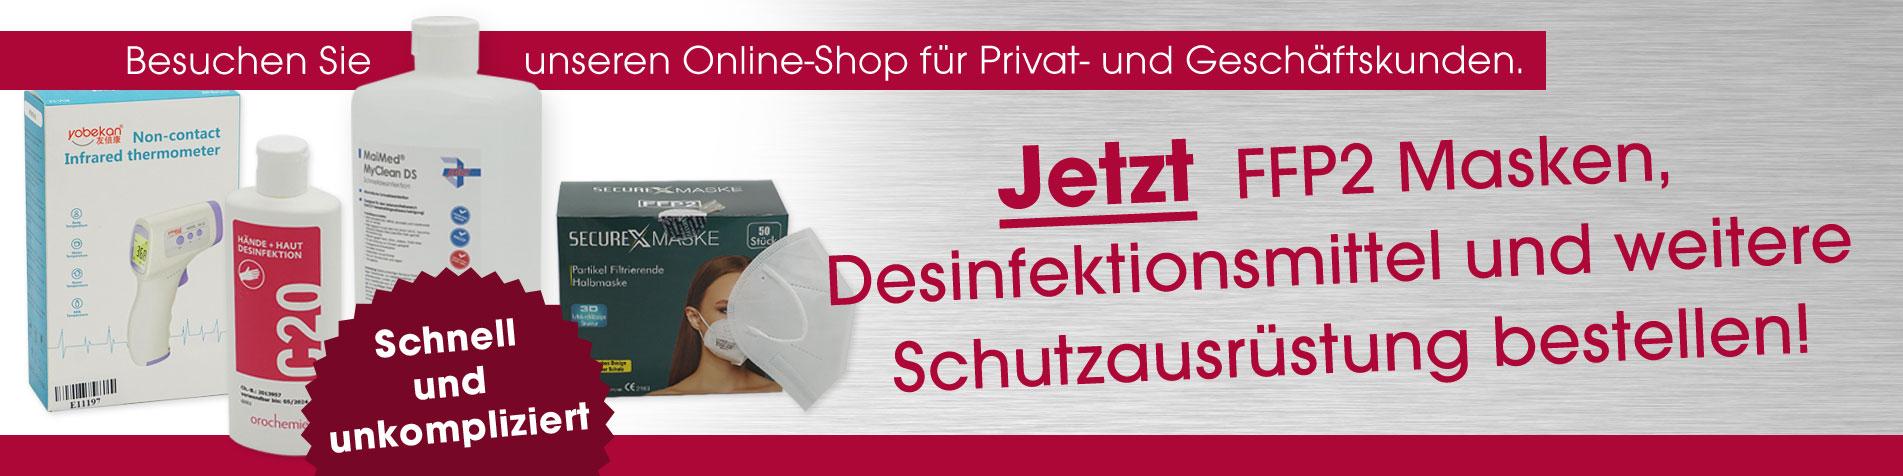 Online Shop für FFP2-Masken, Desinfektionsmittel und weitere Anti-Covid-Produkte